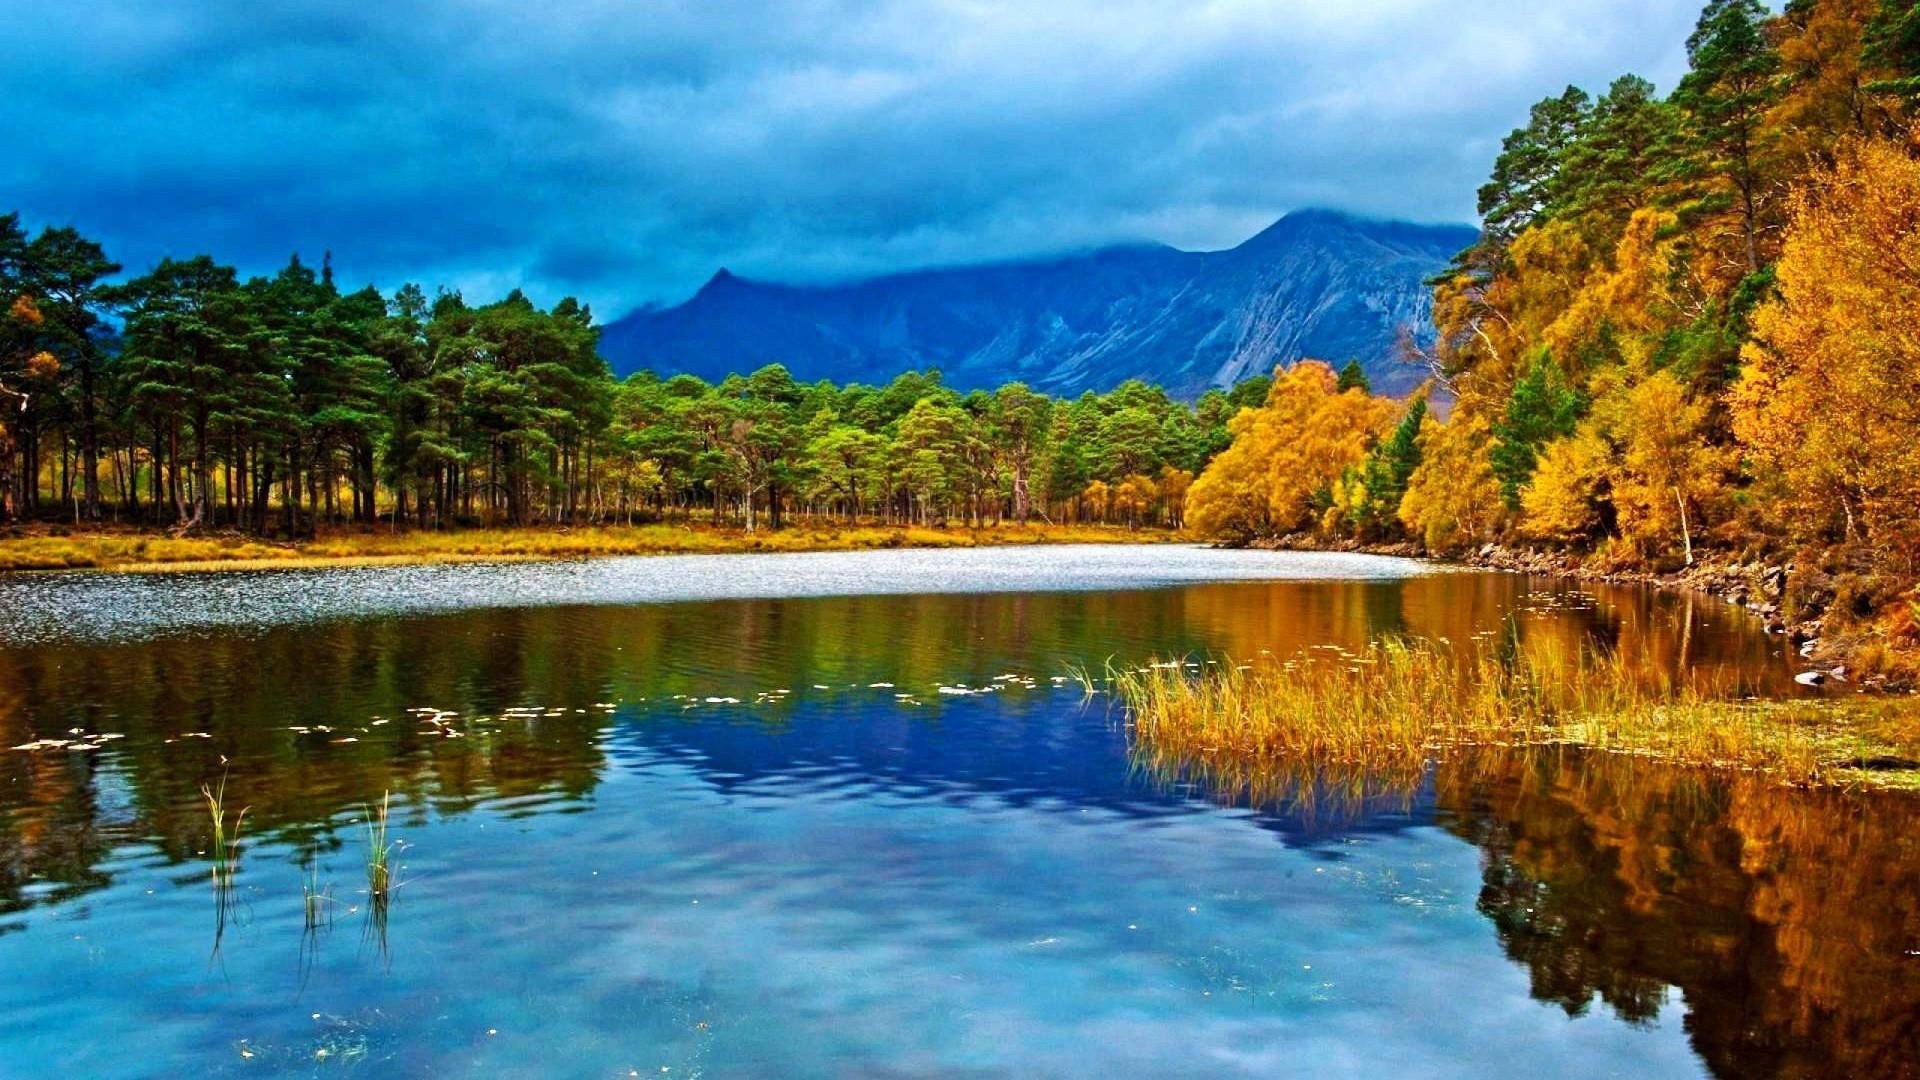 Scottish Landscape Desktop Backgrounds